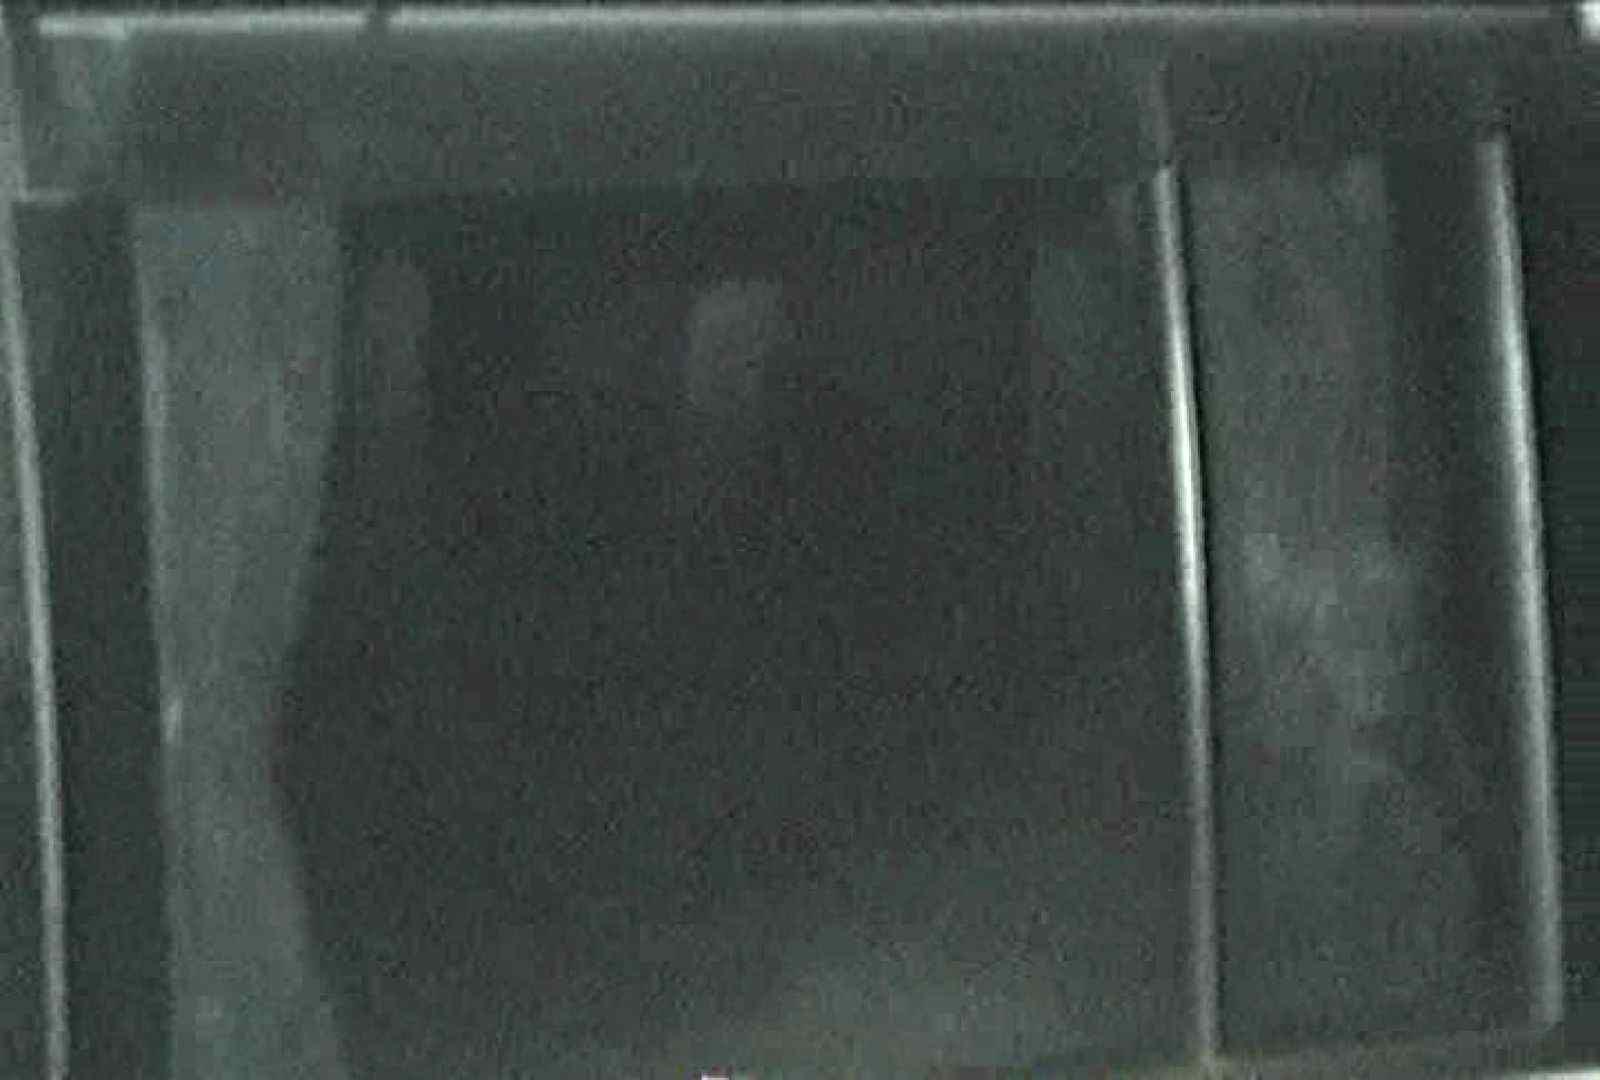 充血監督の深夜の運動会Vol.97 カップル盗撮 性交動画流出 104画像 63